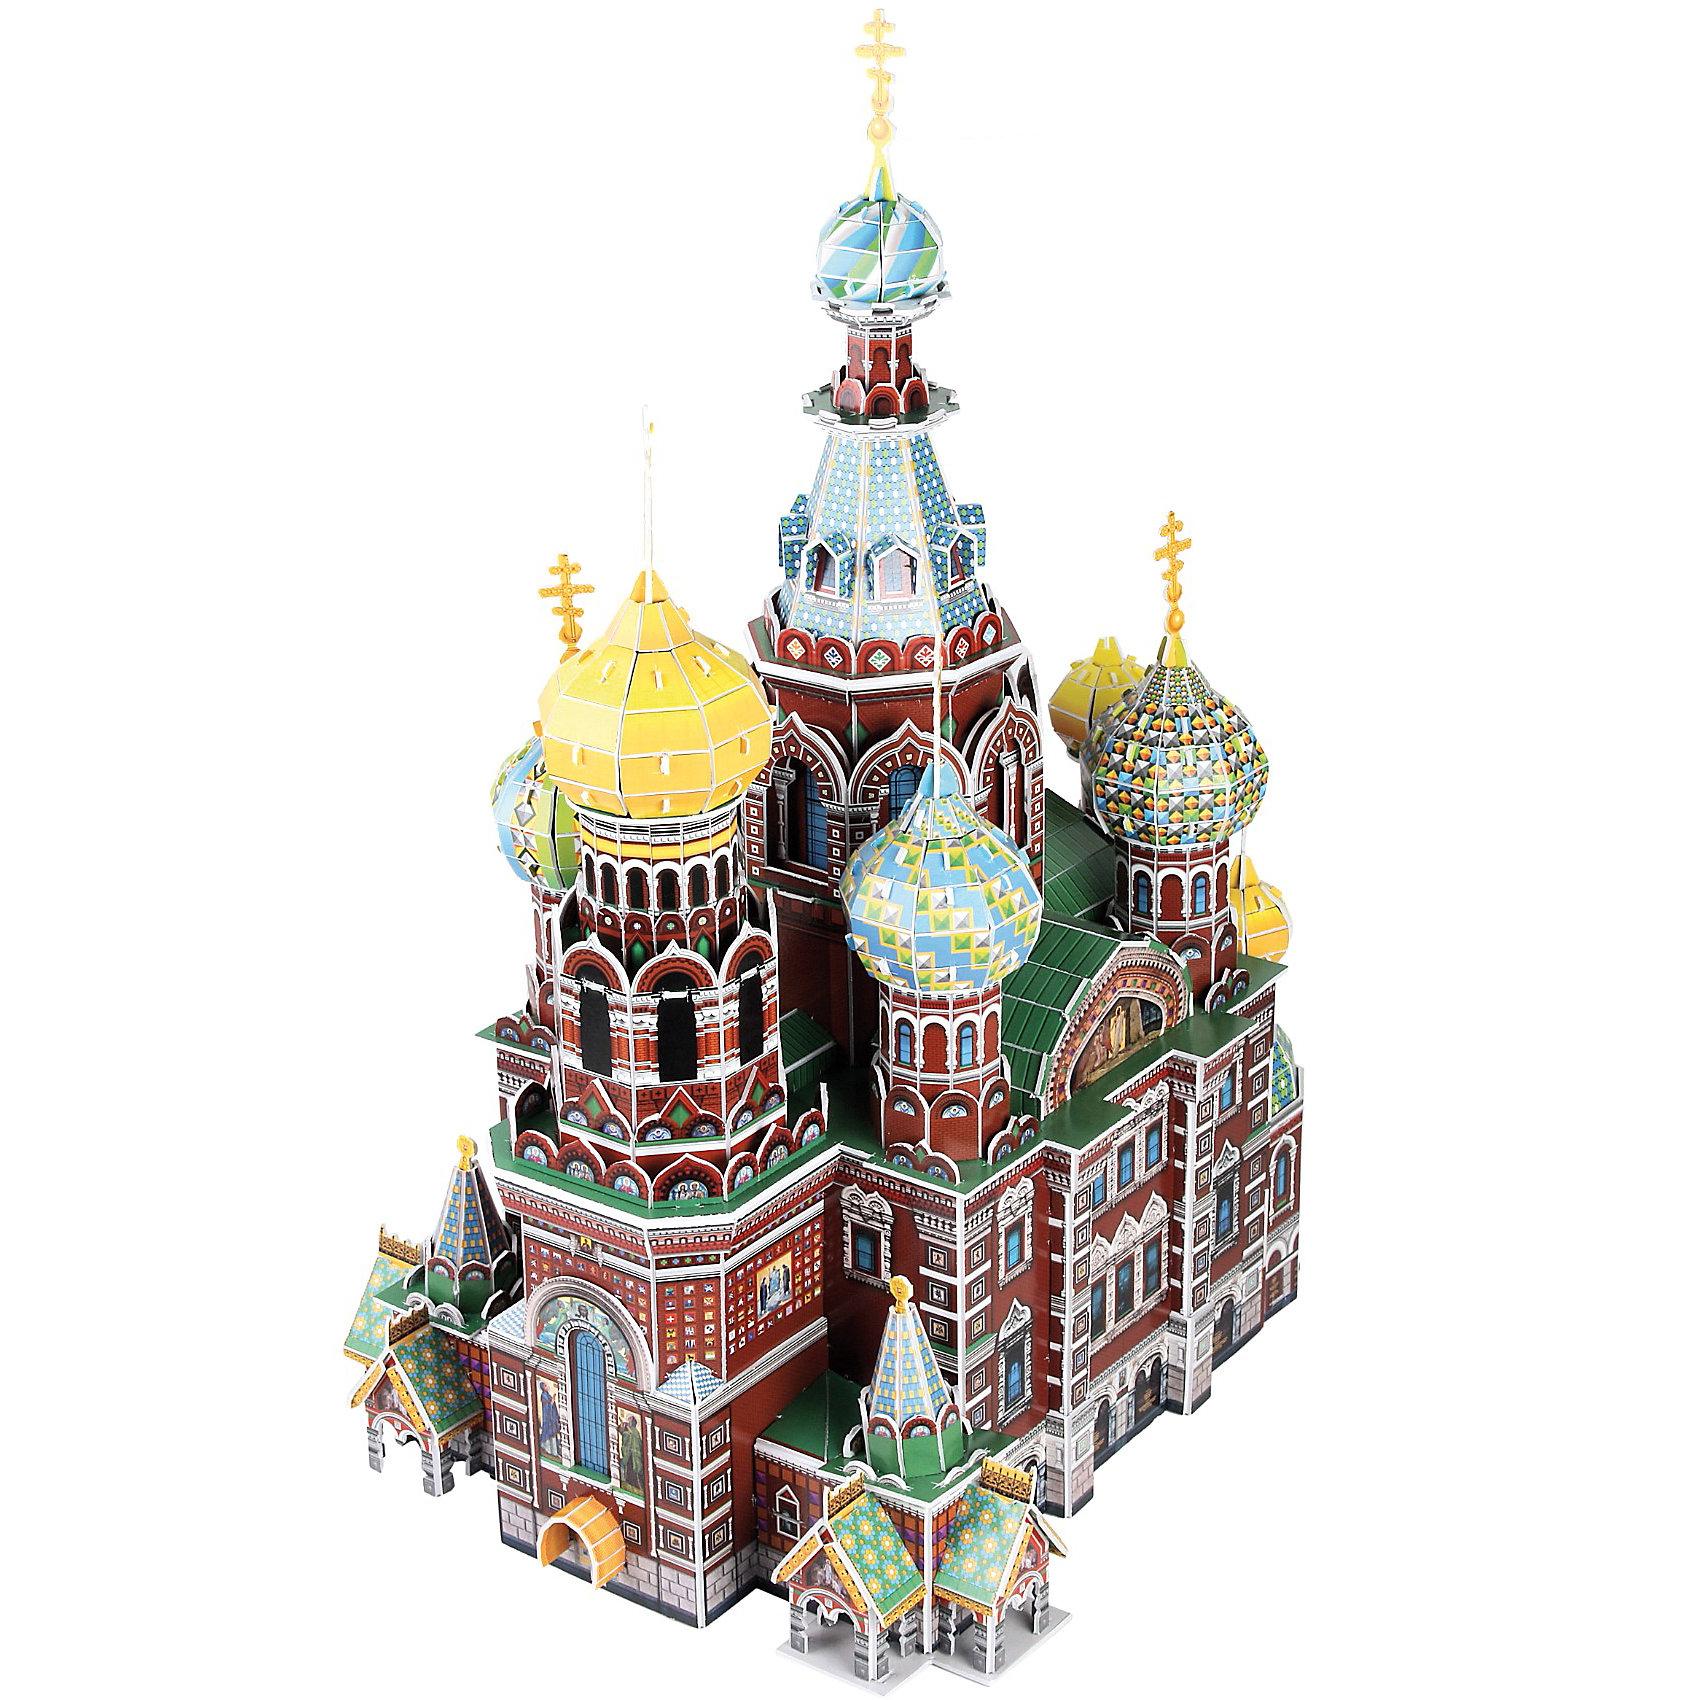 CubicFun Пазл 3D Собор Воскресения Христова (Россия), 233 детали, CubicFun cubicfun 3d пазл рождественская церковь россия